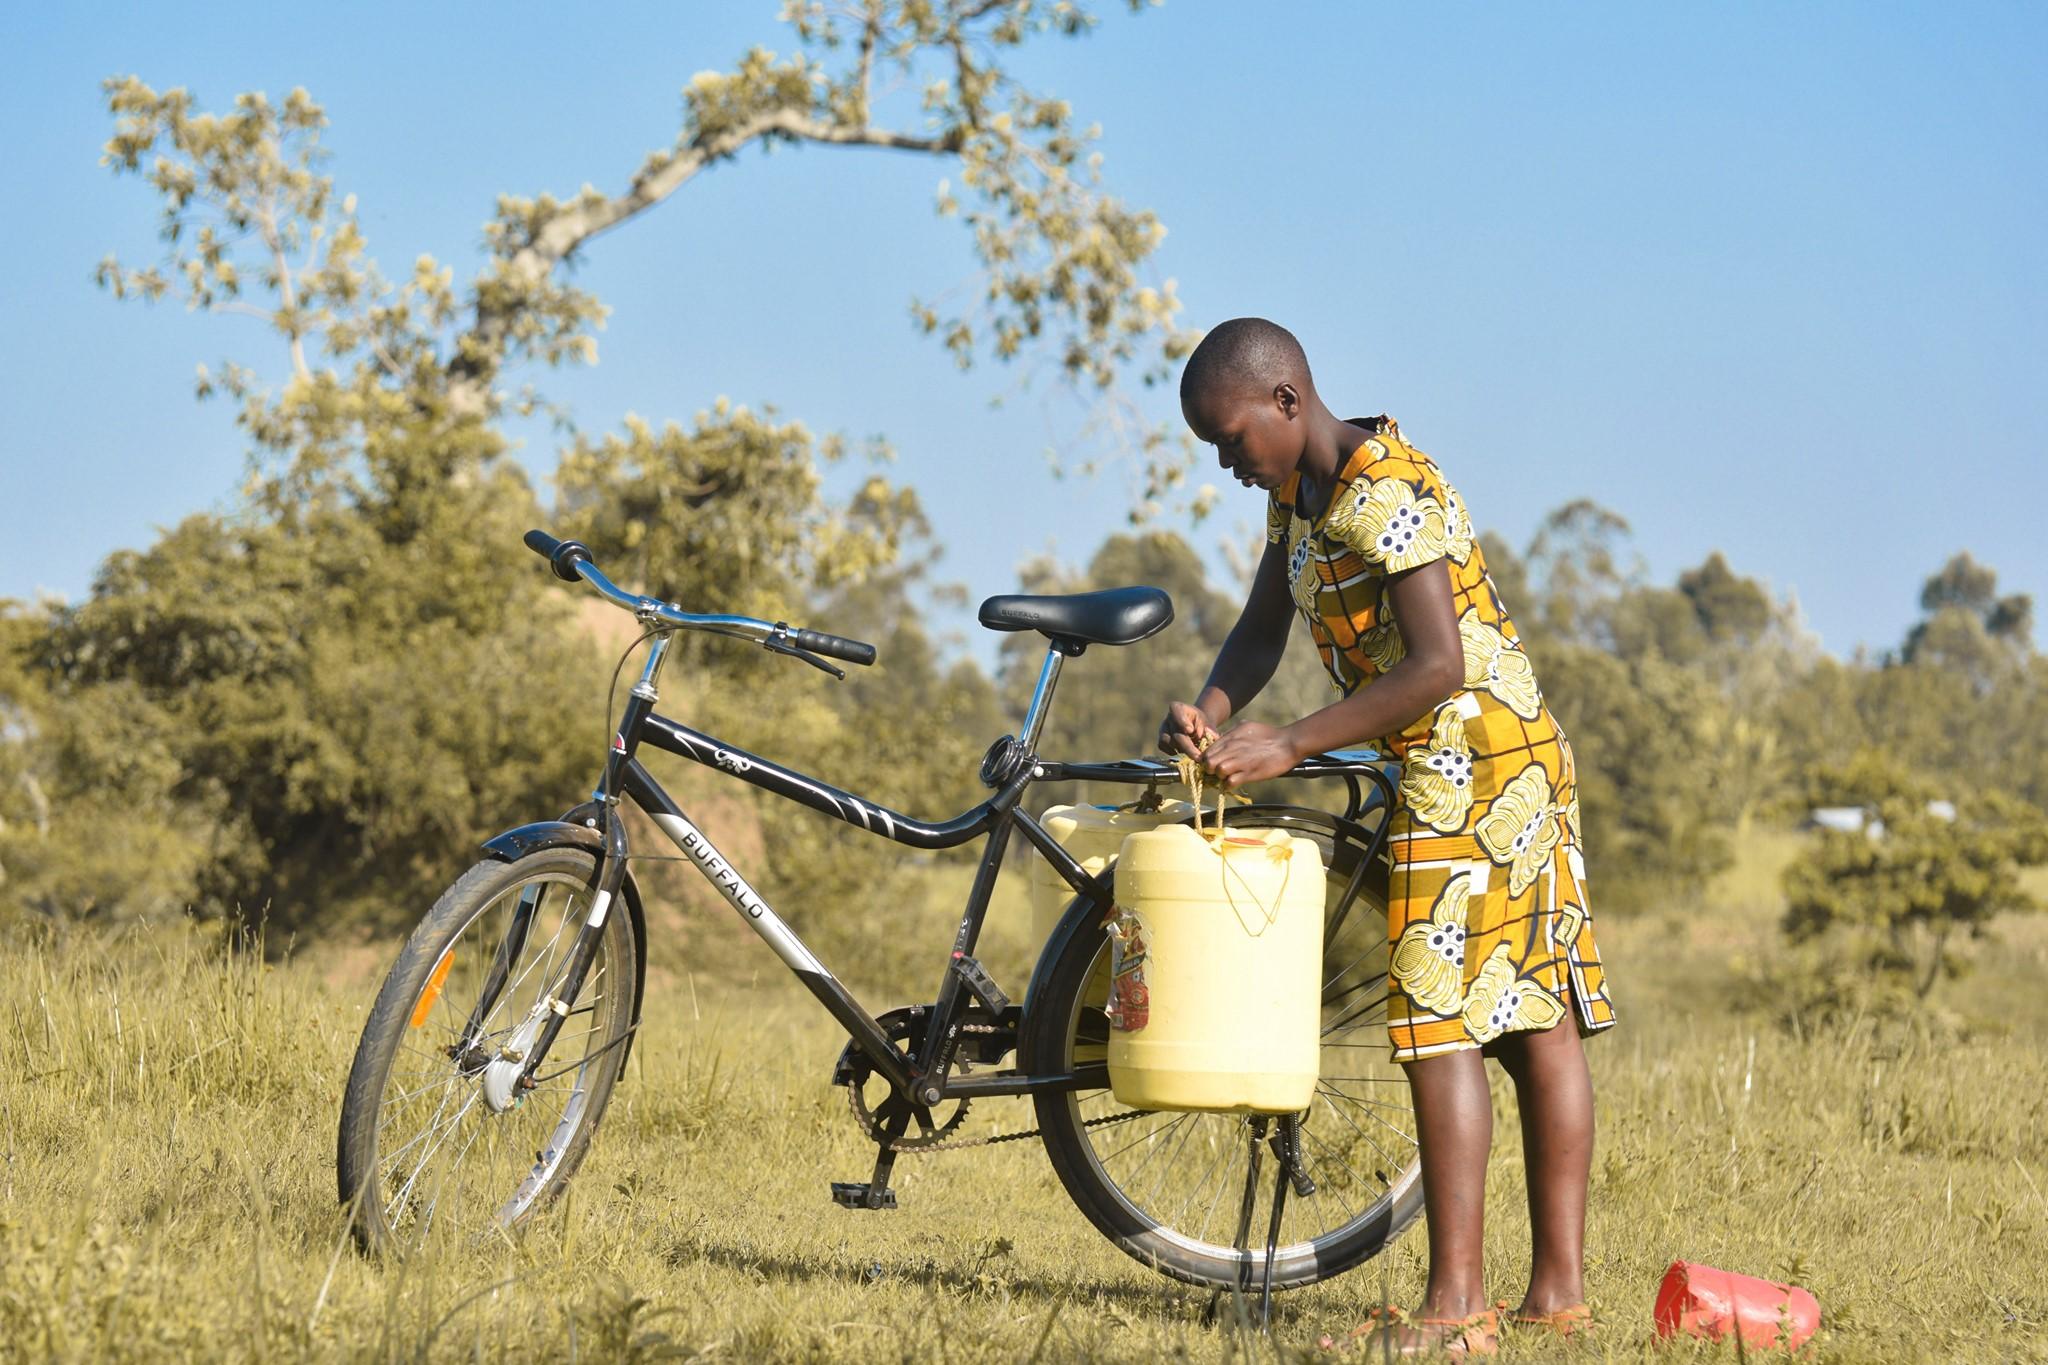 orphanage, bicycle, Matungu, education bicycles